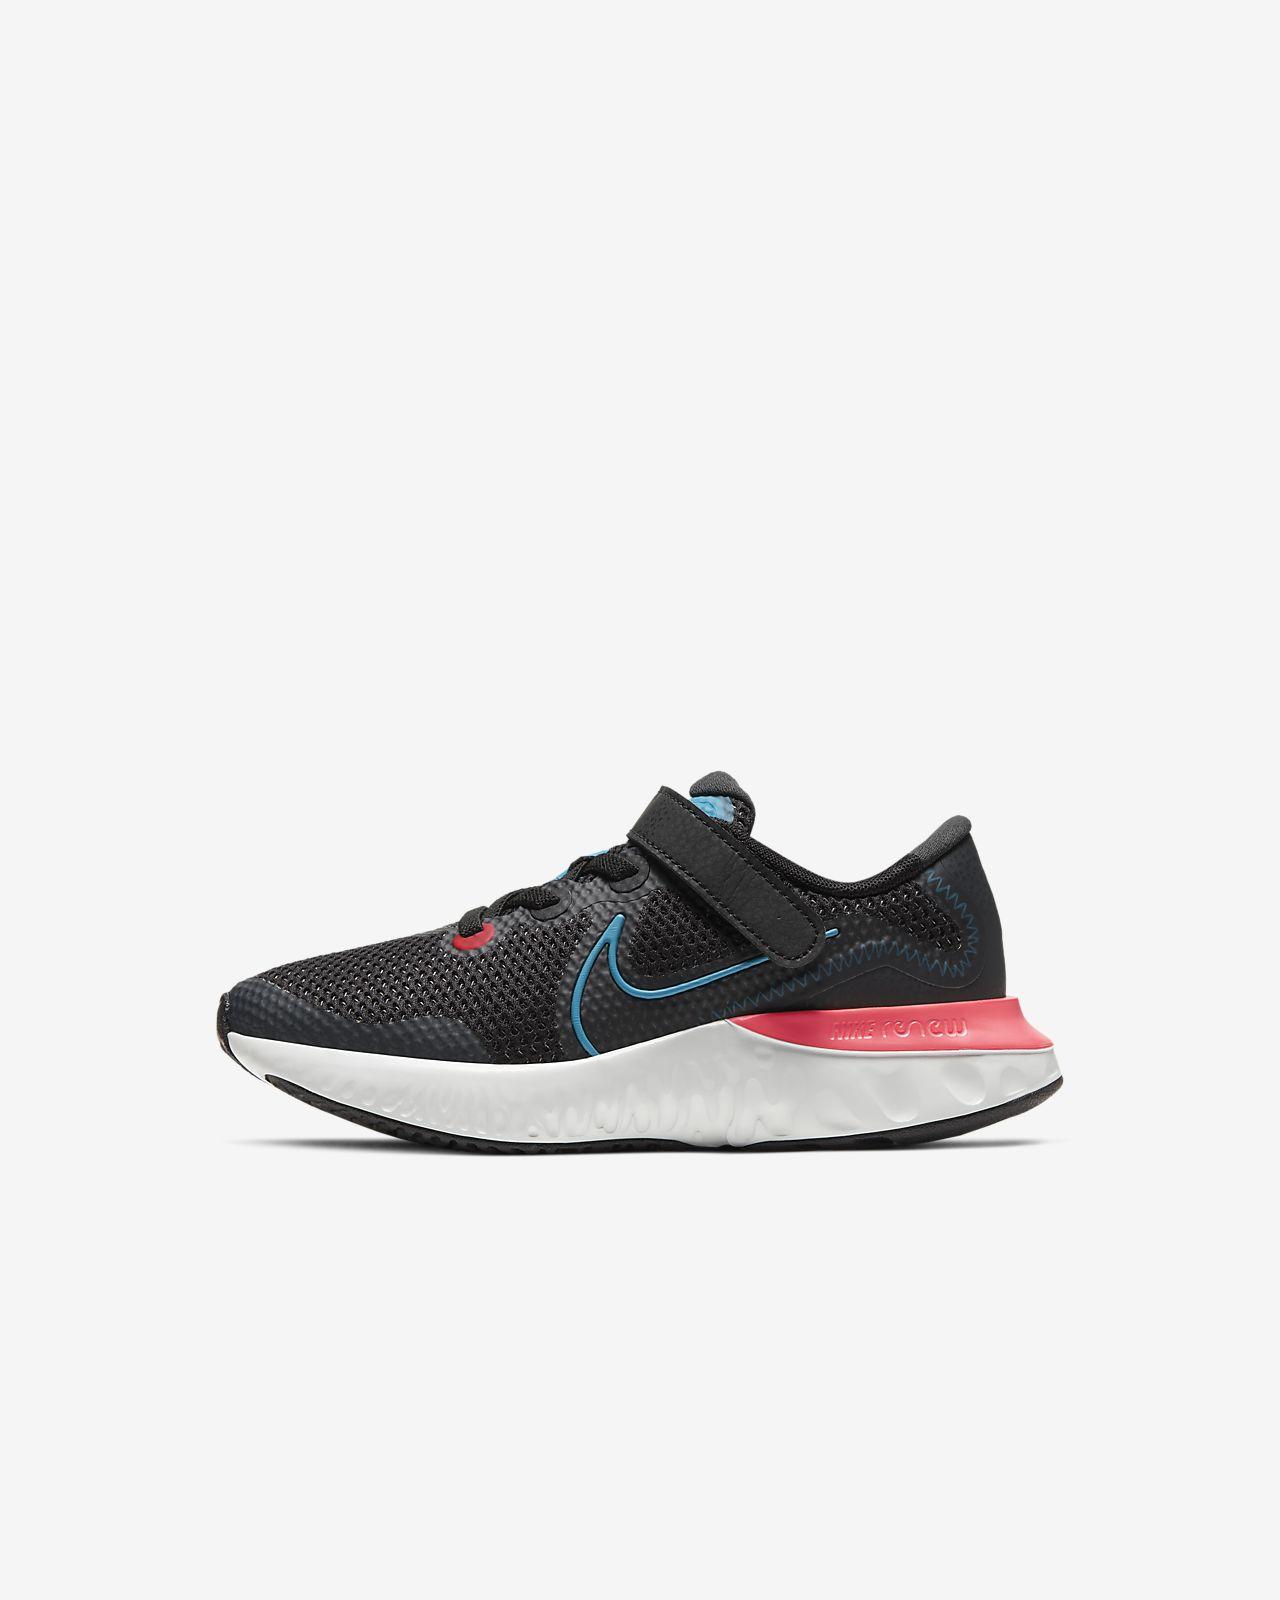 Παπούτσι Nike Renew Run για μικρά παιδιά